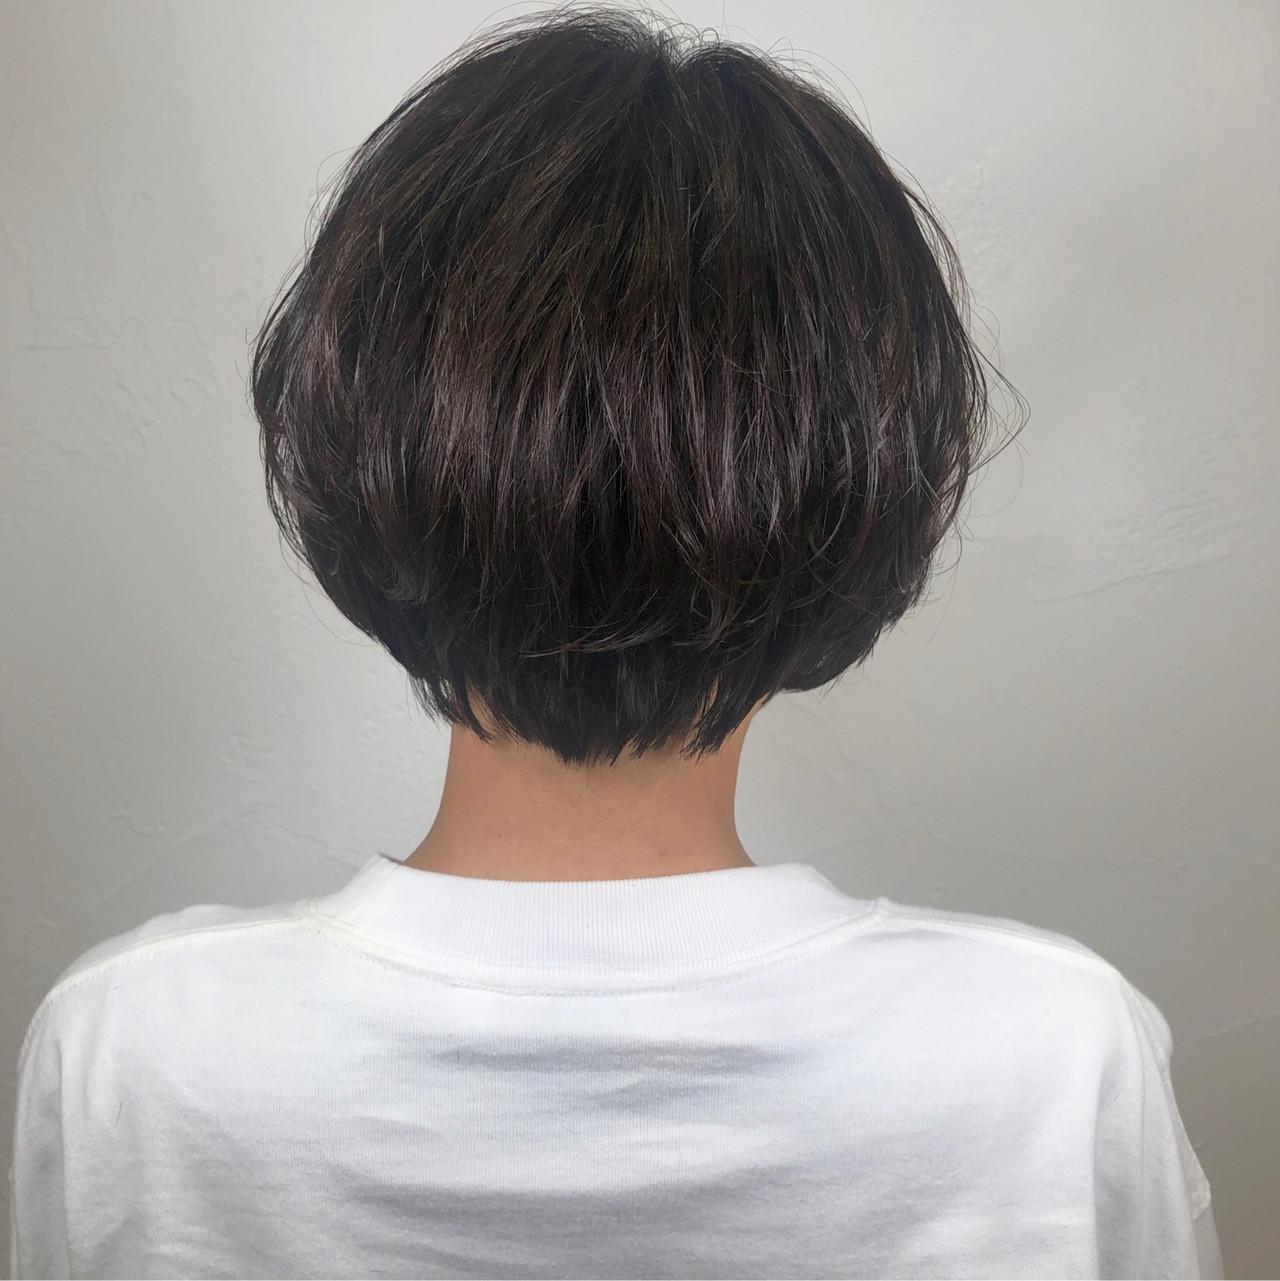 ショート パーマ ナチュラル 黒髪 ヘアスタイルや髪型の写真・画像 | ヨシオカナミ / WILLOW〜shrothair&shortbob〜